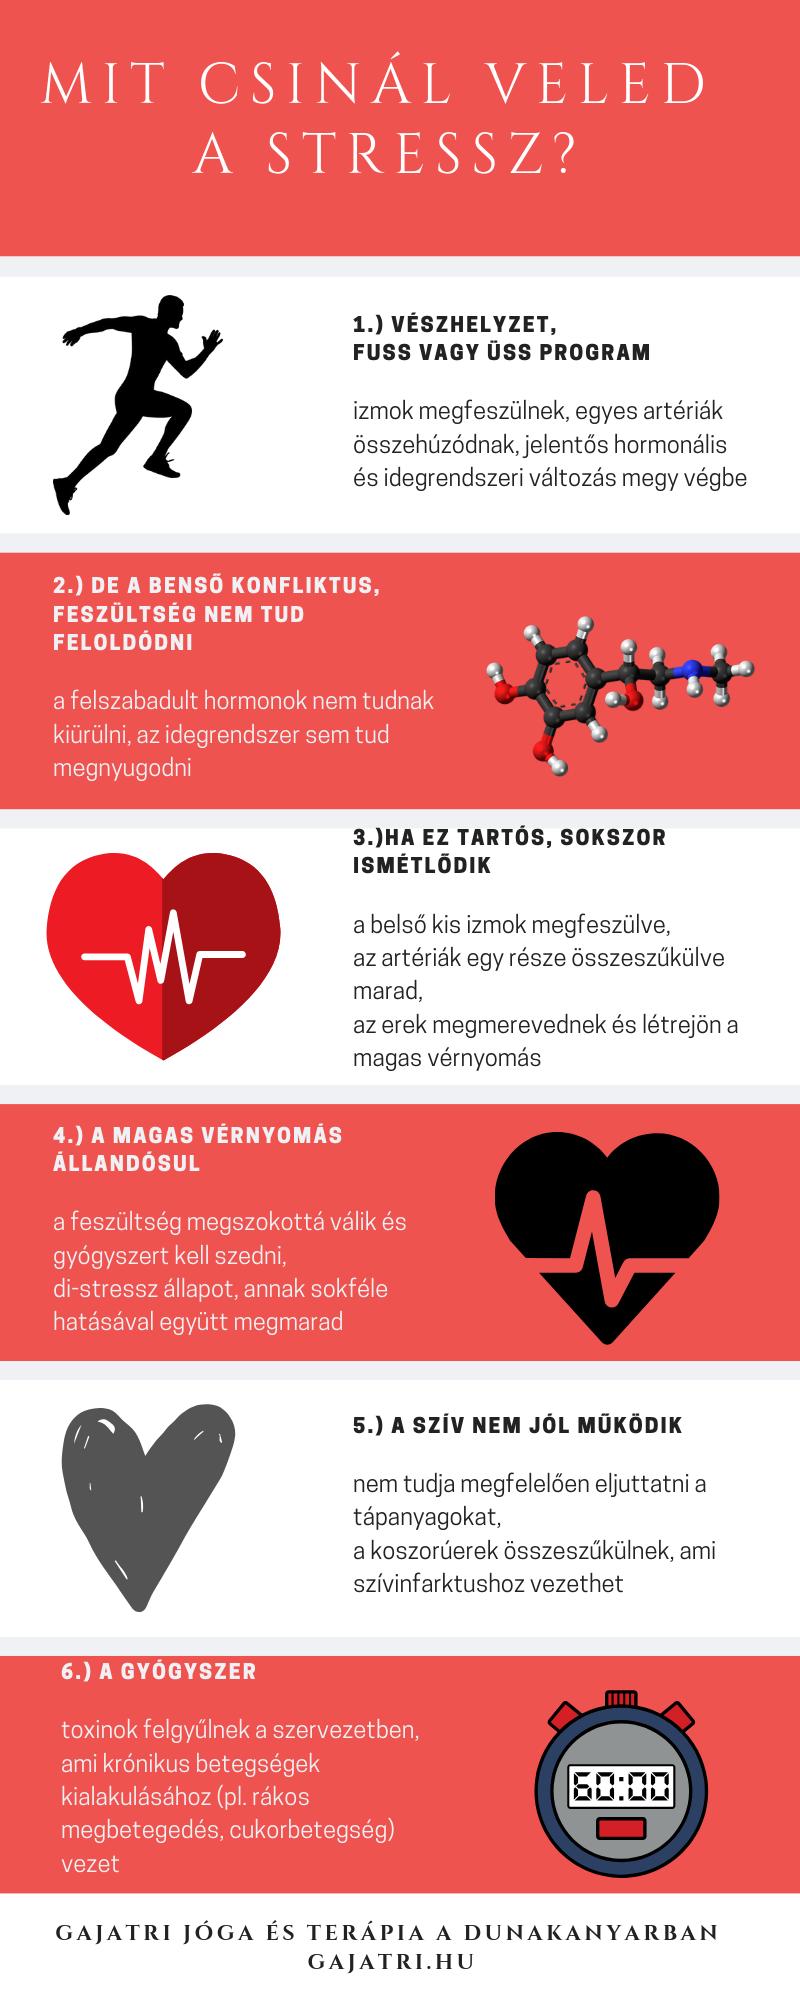 magas vérnyomás népi gyógymódok segítettek magas vérnyomás kórházi kezelés